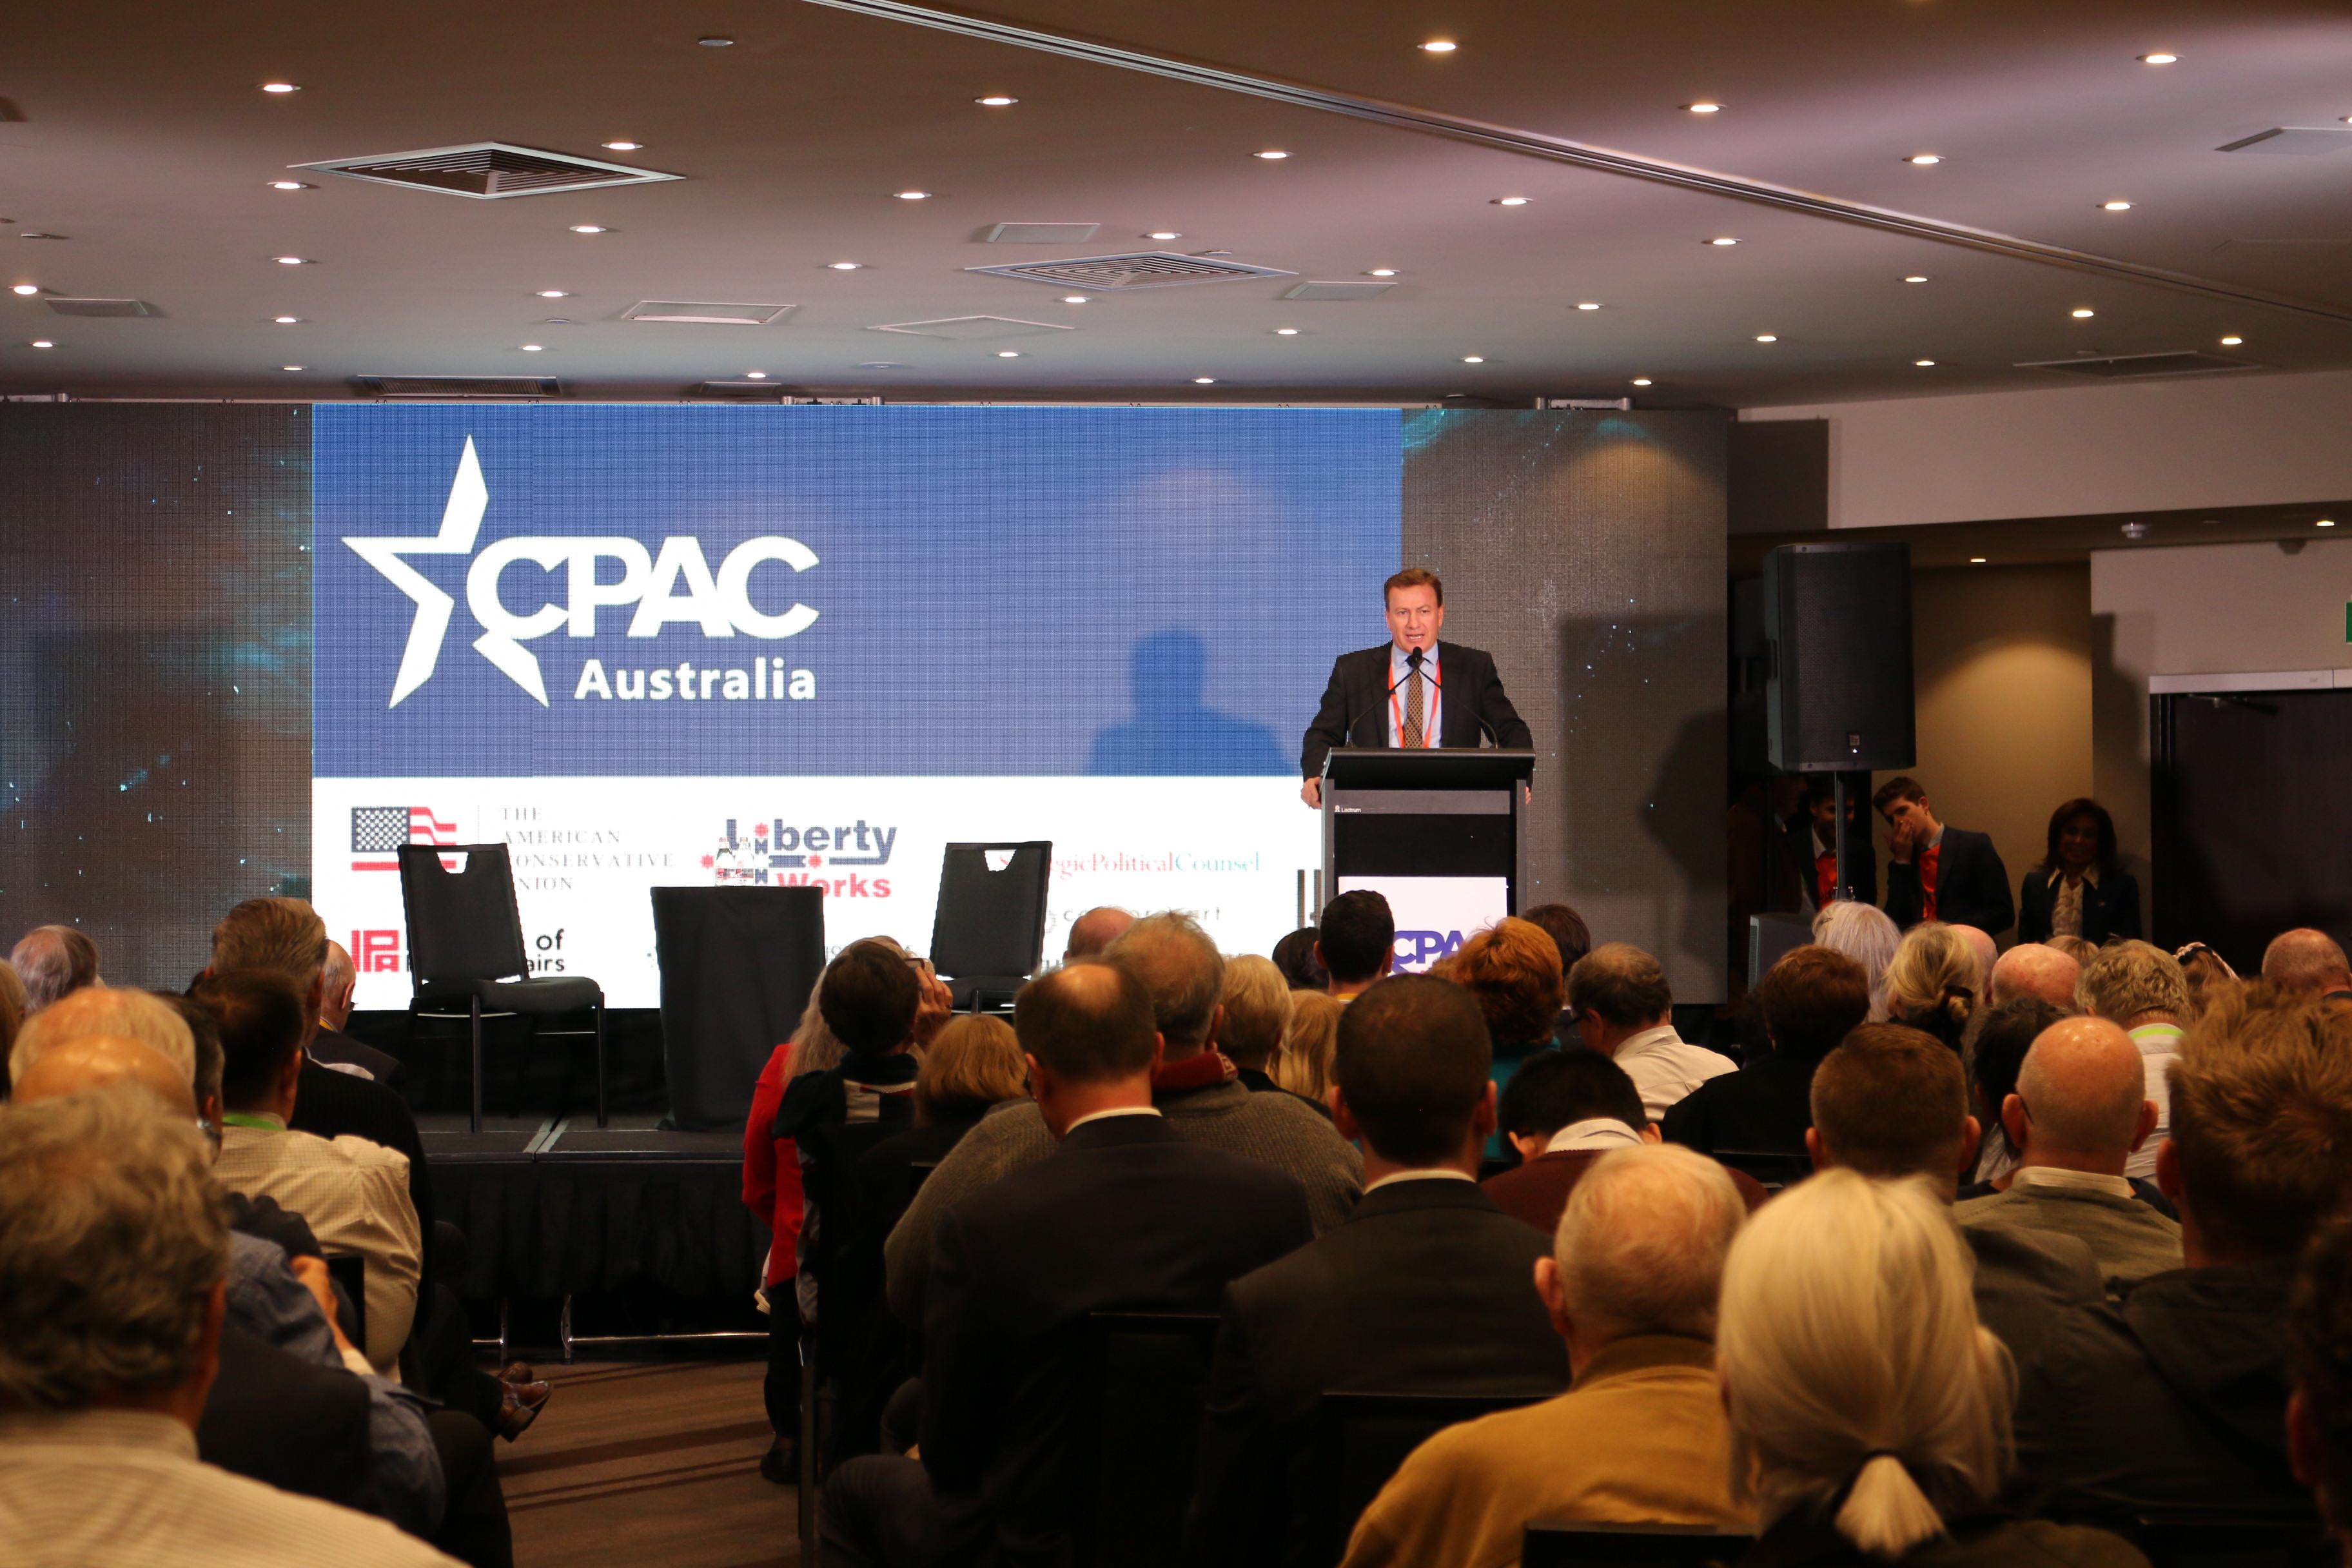 CPAC Australia Andrew Cooper